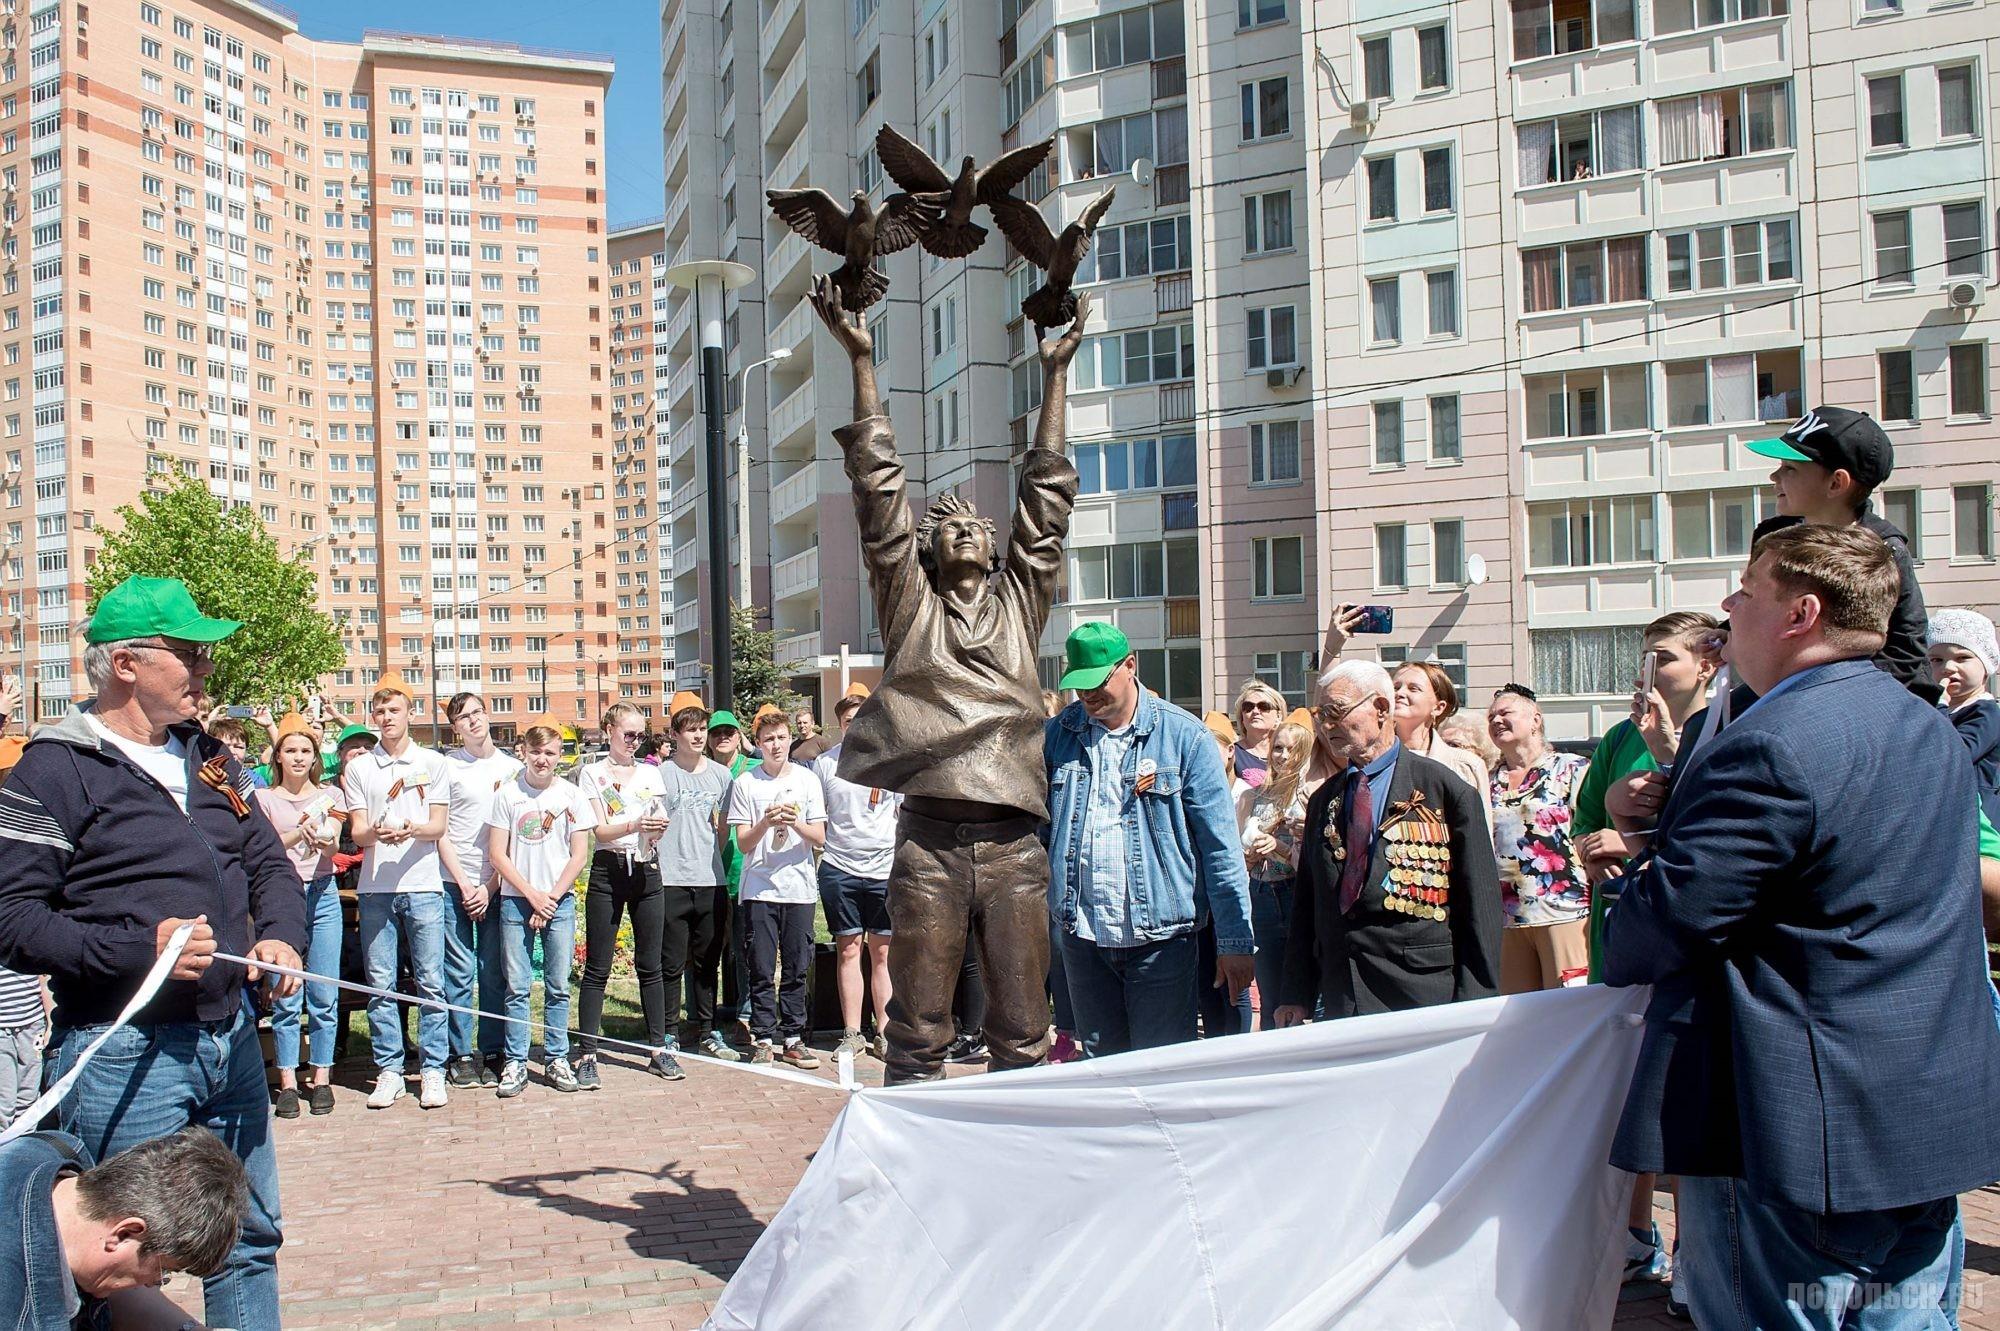 Скульптурная композиция выполнена из бронзы и представляет собой юношу 18-20 лет, стоящего во весь рост на крыше, запускающего в небо трех голубей. Открыта 12 мая 2018 г. в сквере на Ленинградской улице. Скульптор Андрей Плиев.